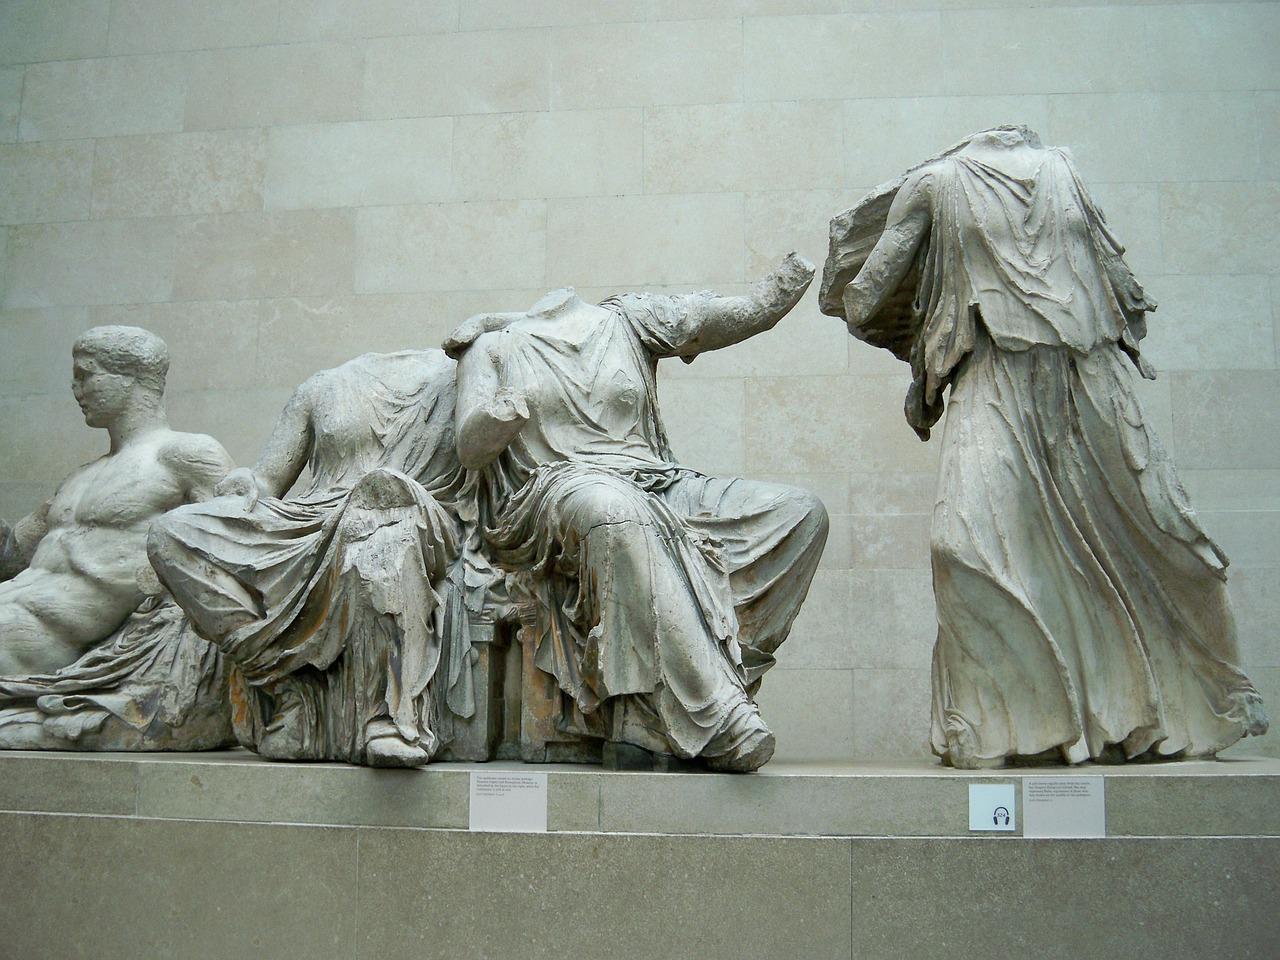 Το Βρετανικό Μουσείο κατέχει παράνομα τα γλυπτά Υπουργός Πολιτισμού Υπουργός Πολιτισμού: Το Βρετανικό Μουσείο κατέχει παράνομα τα γλυπτά london 244263 1280